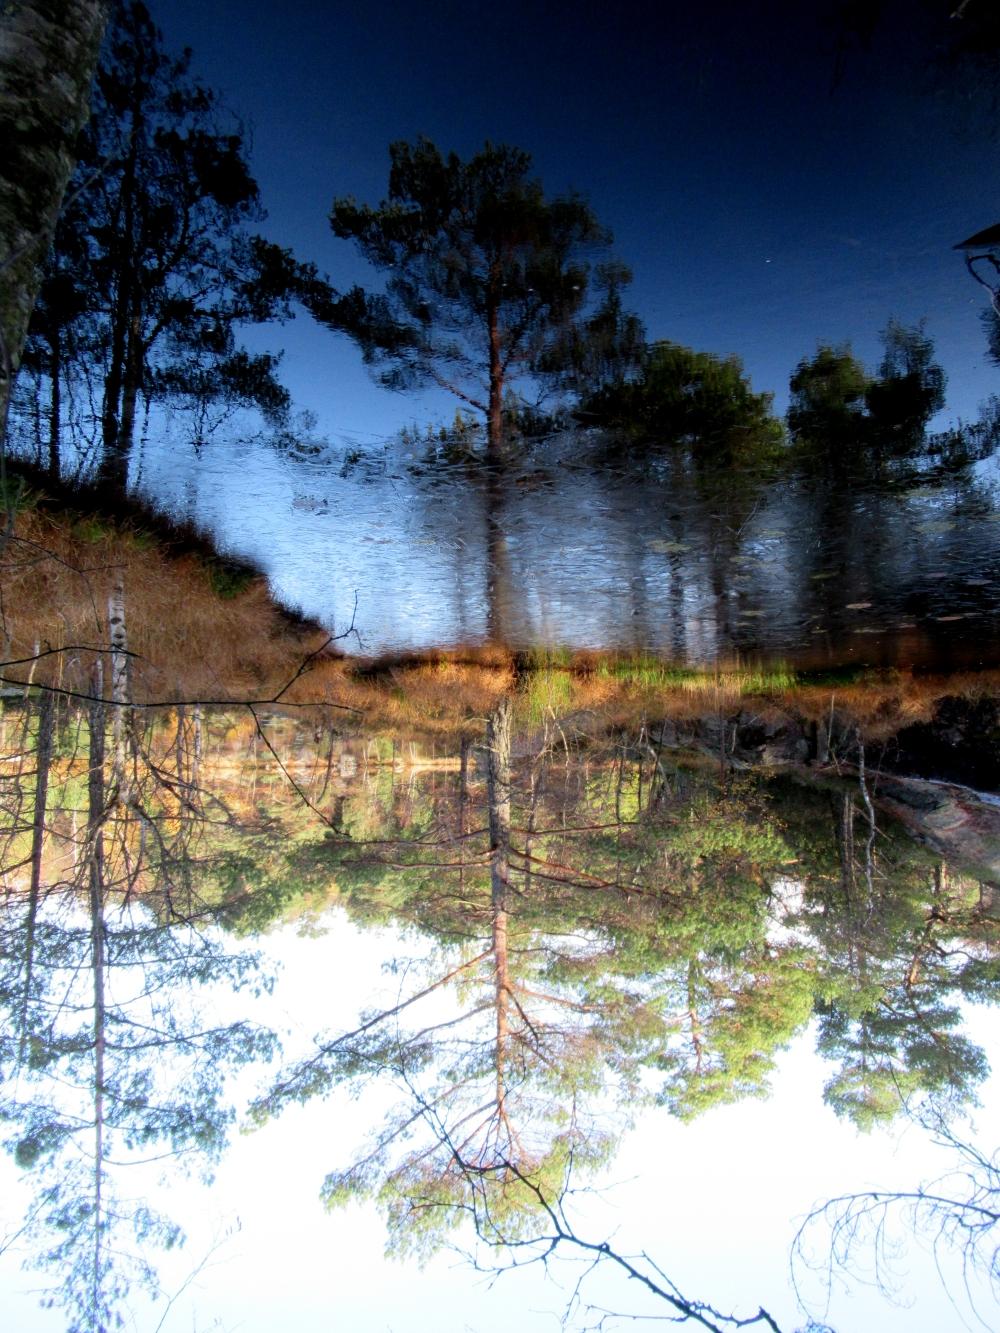 kristianiafjorden3_tommetanker